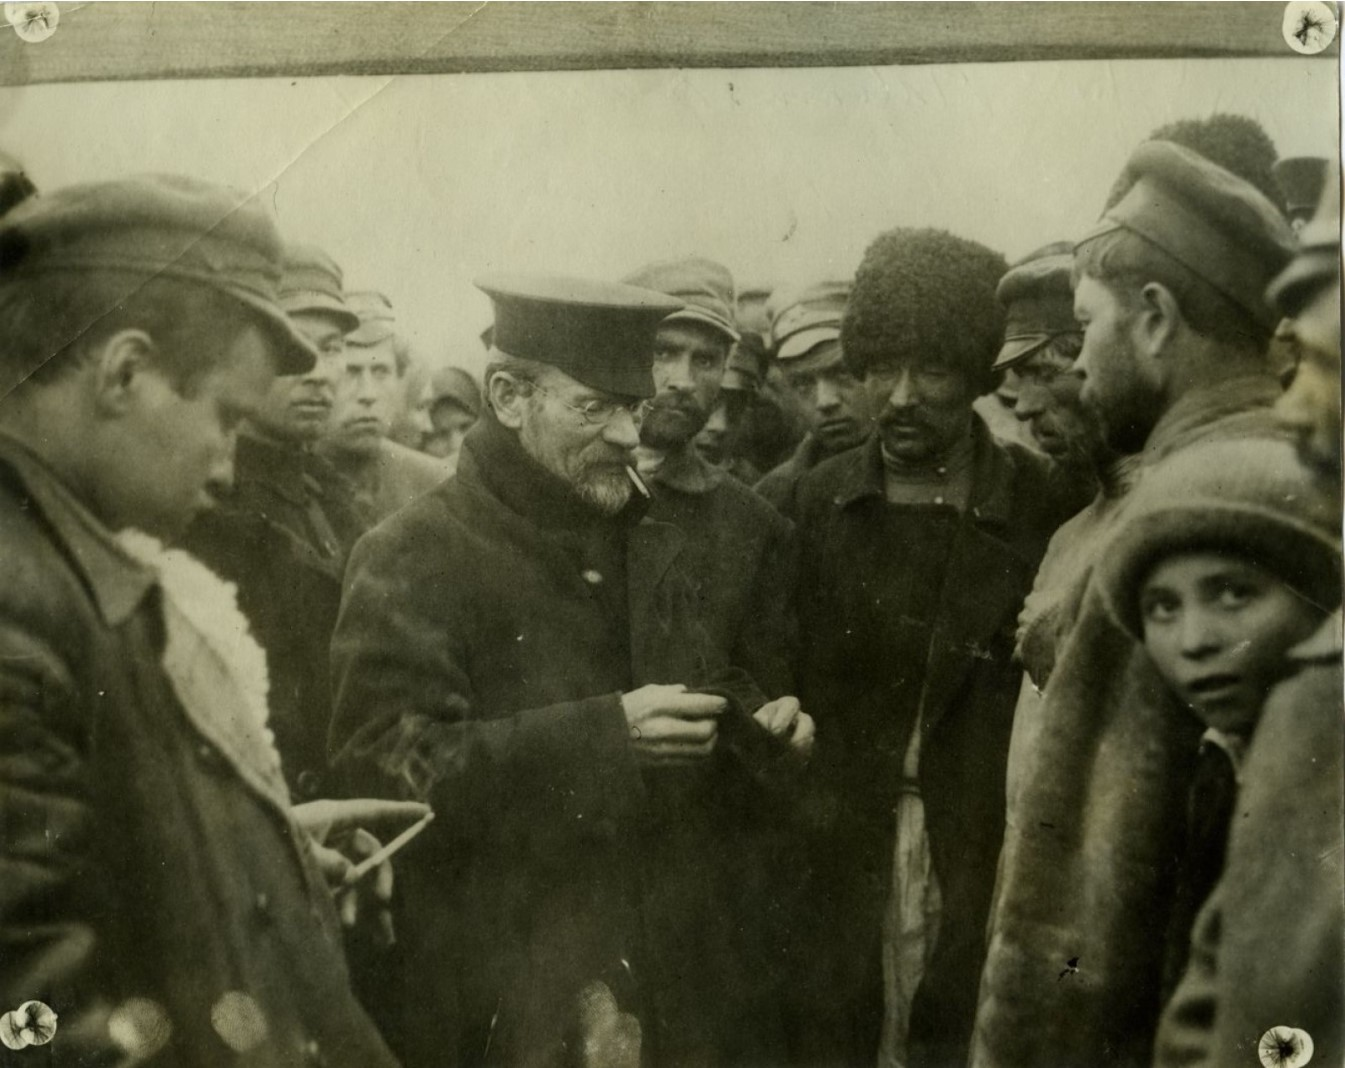 1921. Михаил Калинин общается с народом